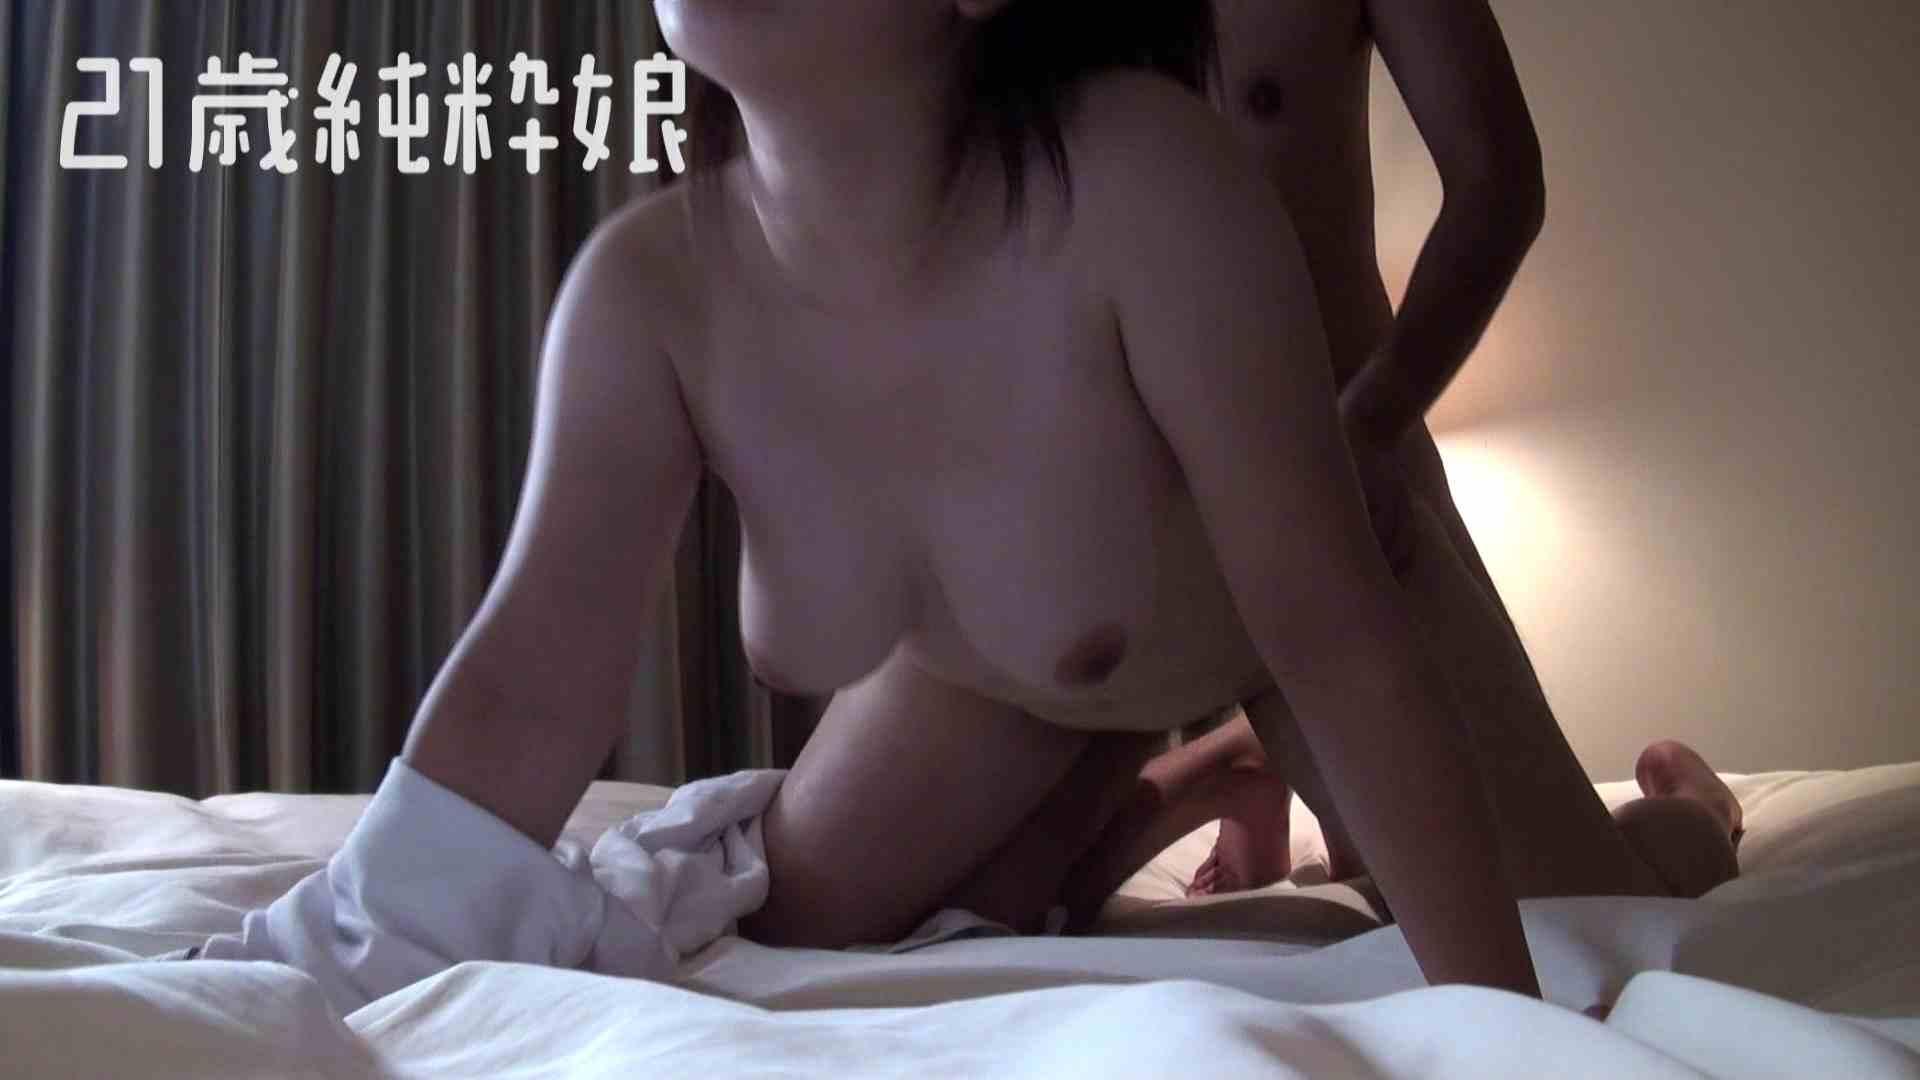 上京したばかりのGカップ21歳純粋嬢を都合の良い女にしてみた2 SEX映像  70pic 68